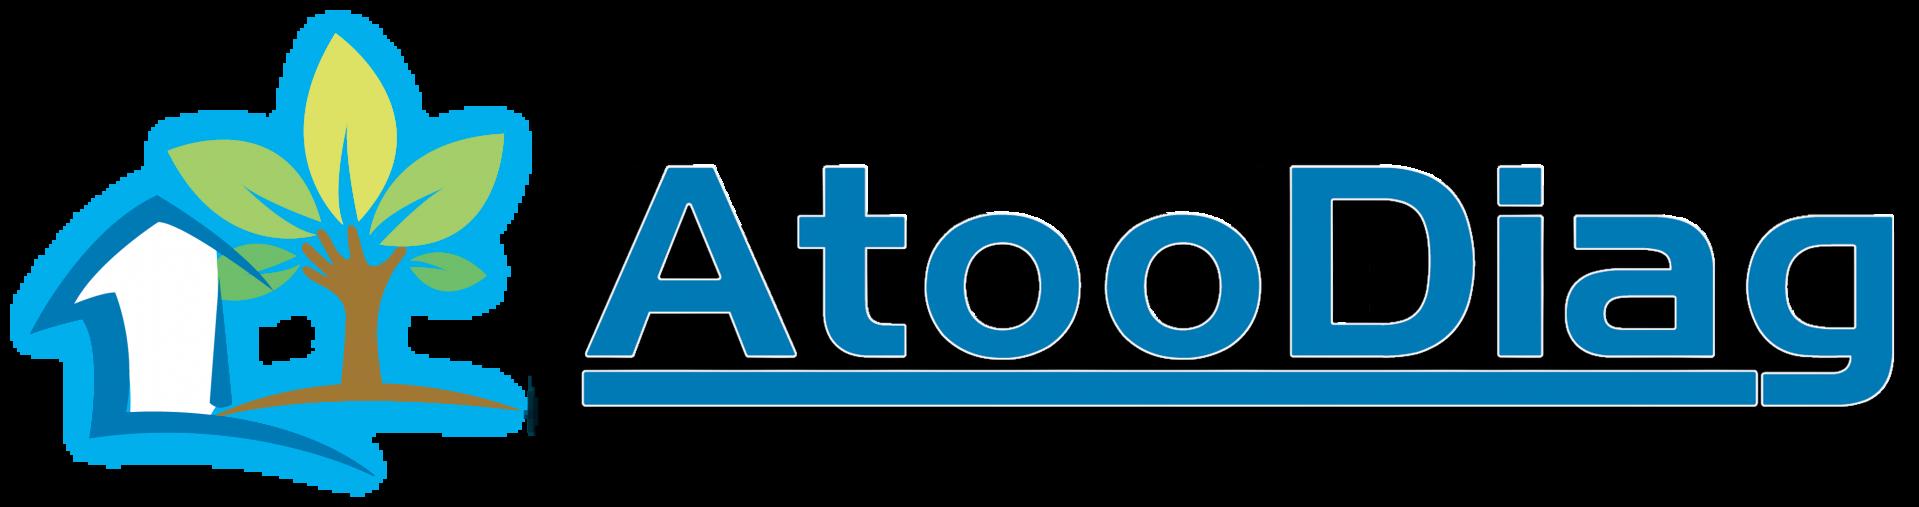 Atoodiag